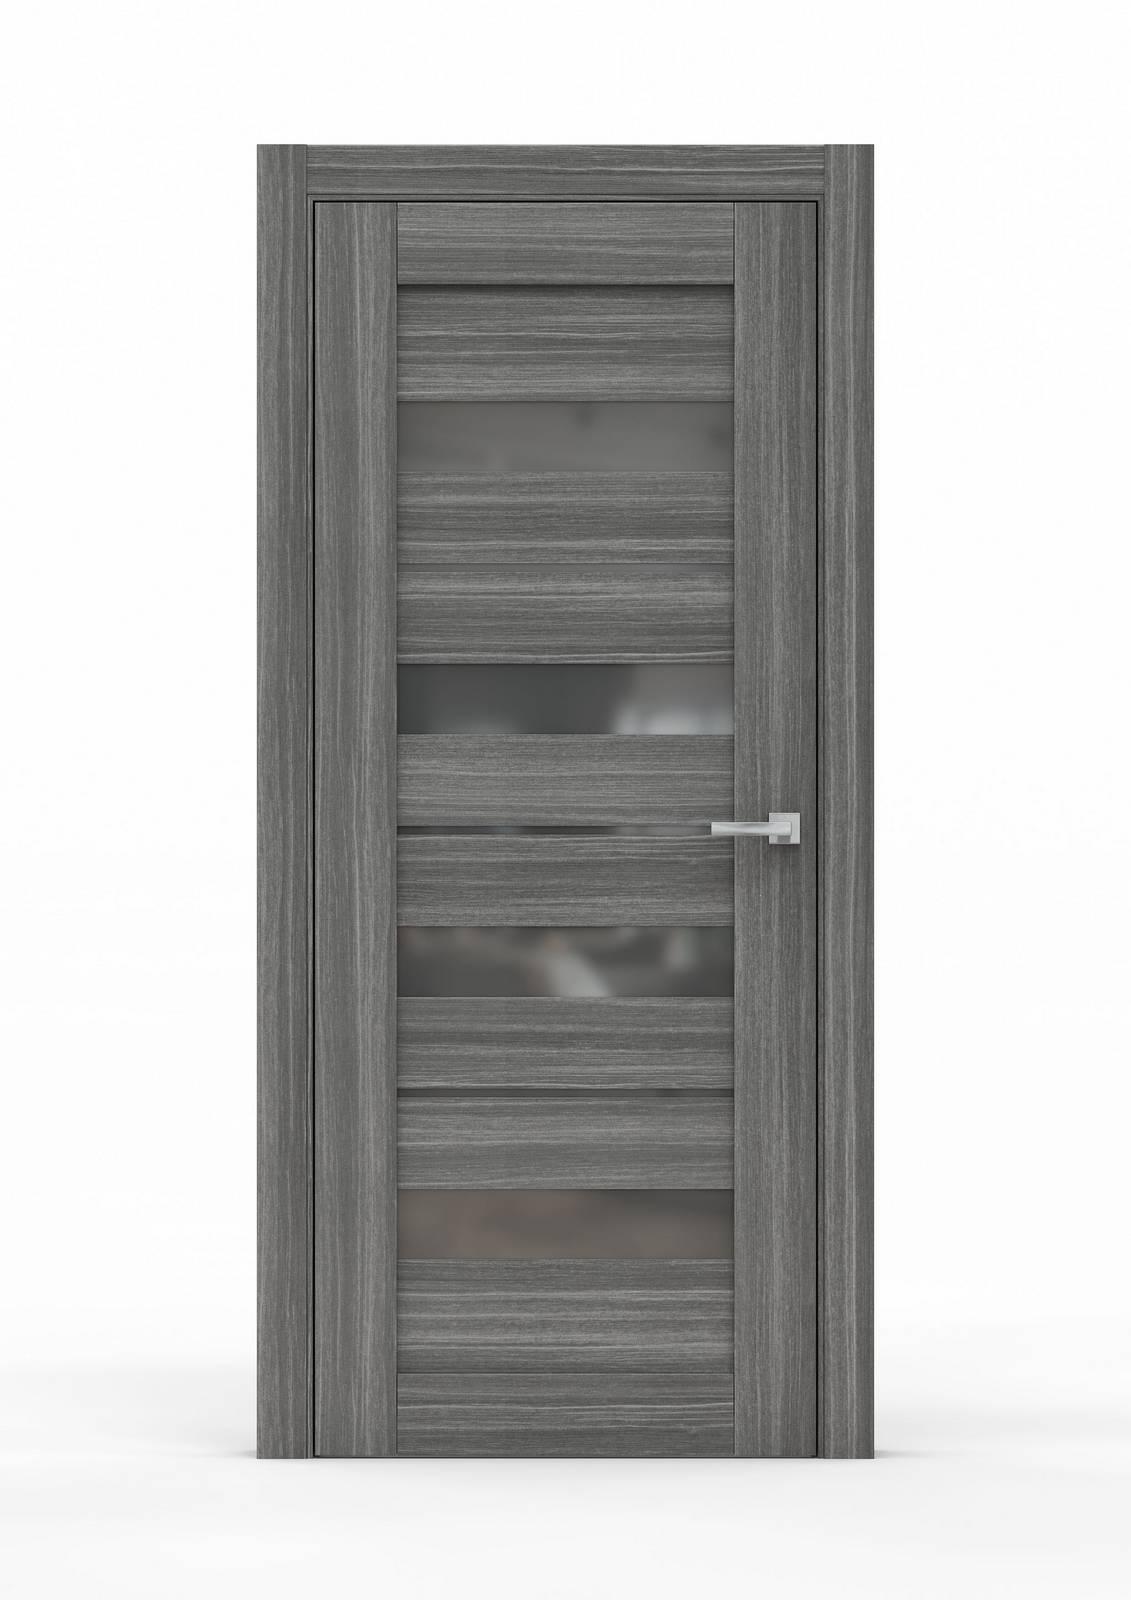 Межкомнатная дверь из экошпона - 0687. Цвет - Сандал Серый